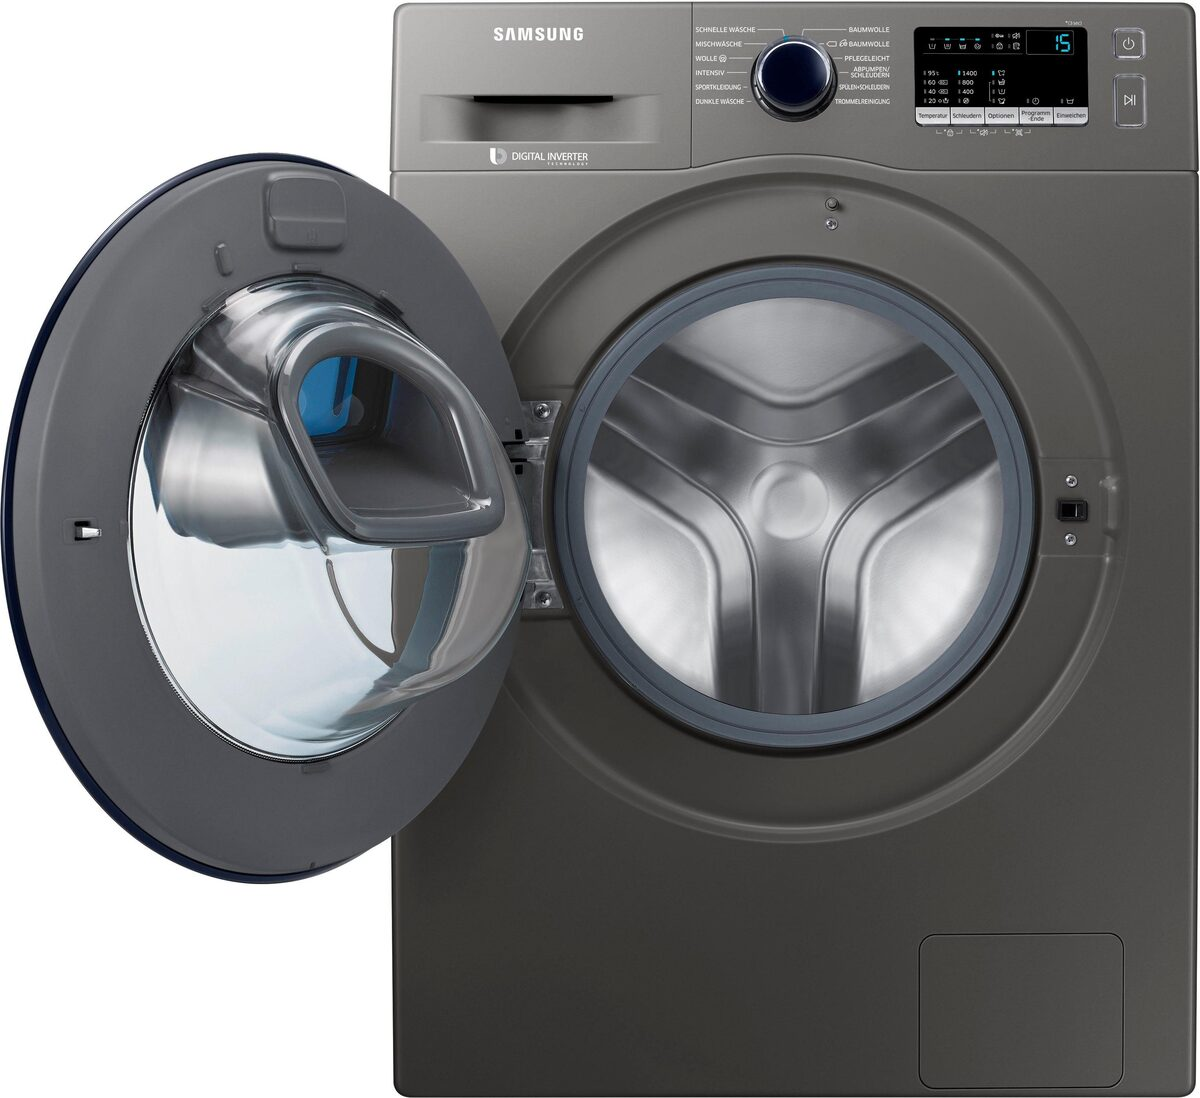 Bild 4 von Samsung Waschmaschine WW7EK44205X, 7 kg, 1400 U/Min, AddWash